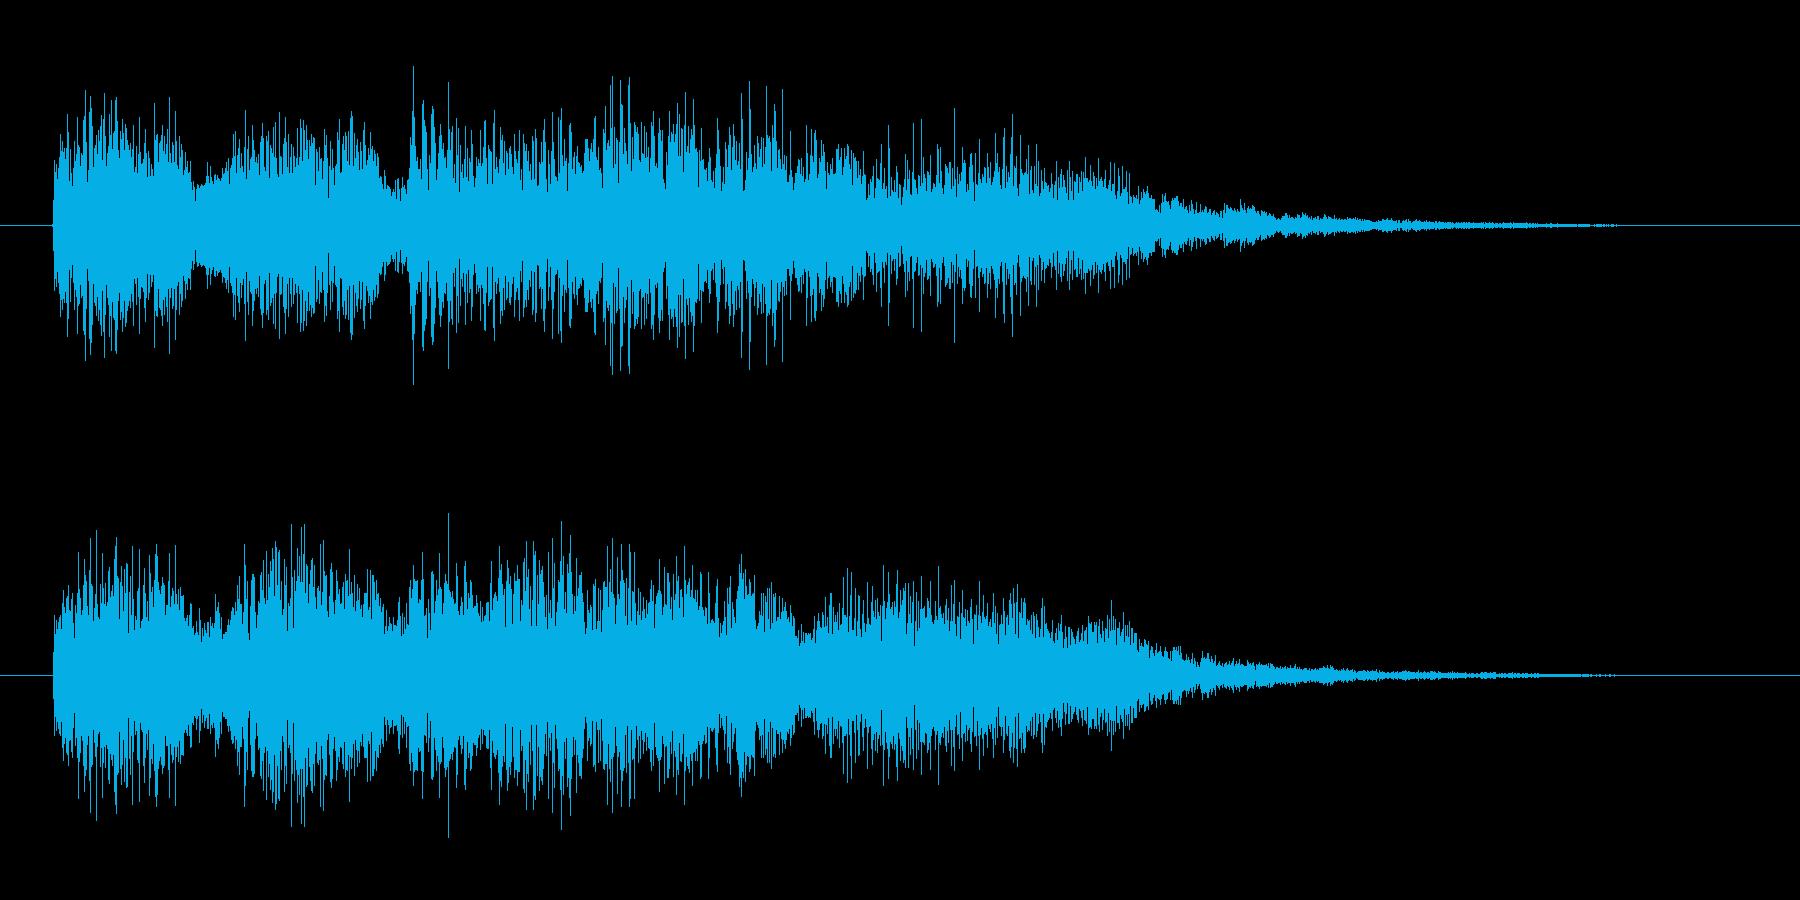 ゲームオーバー 派手な失敗 おおげさな音の再生済みの波形